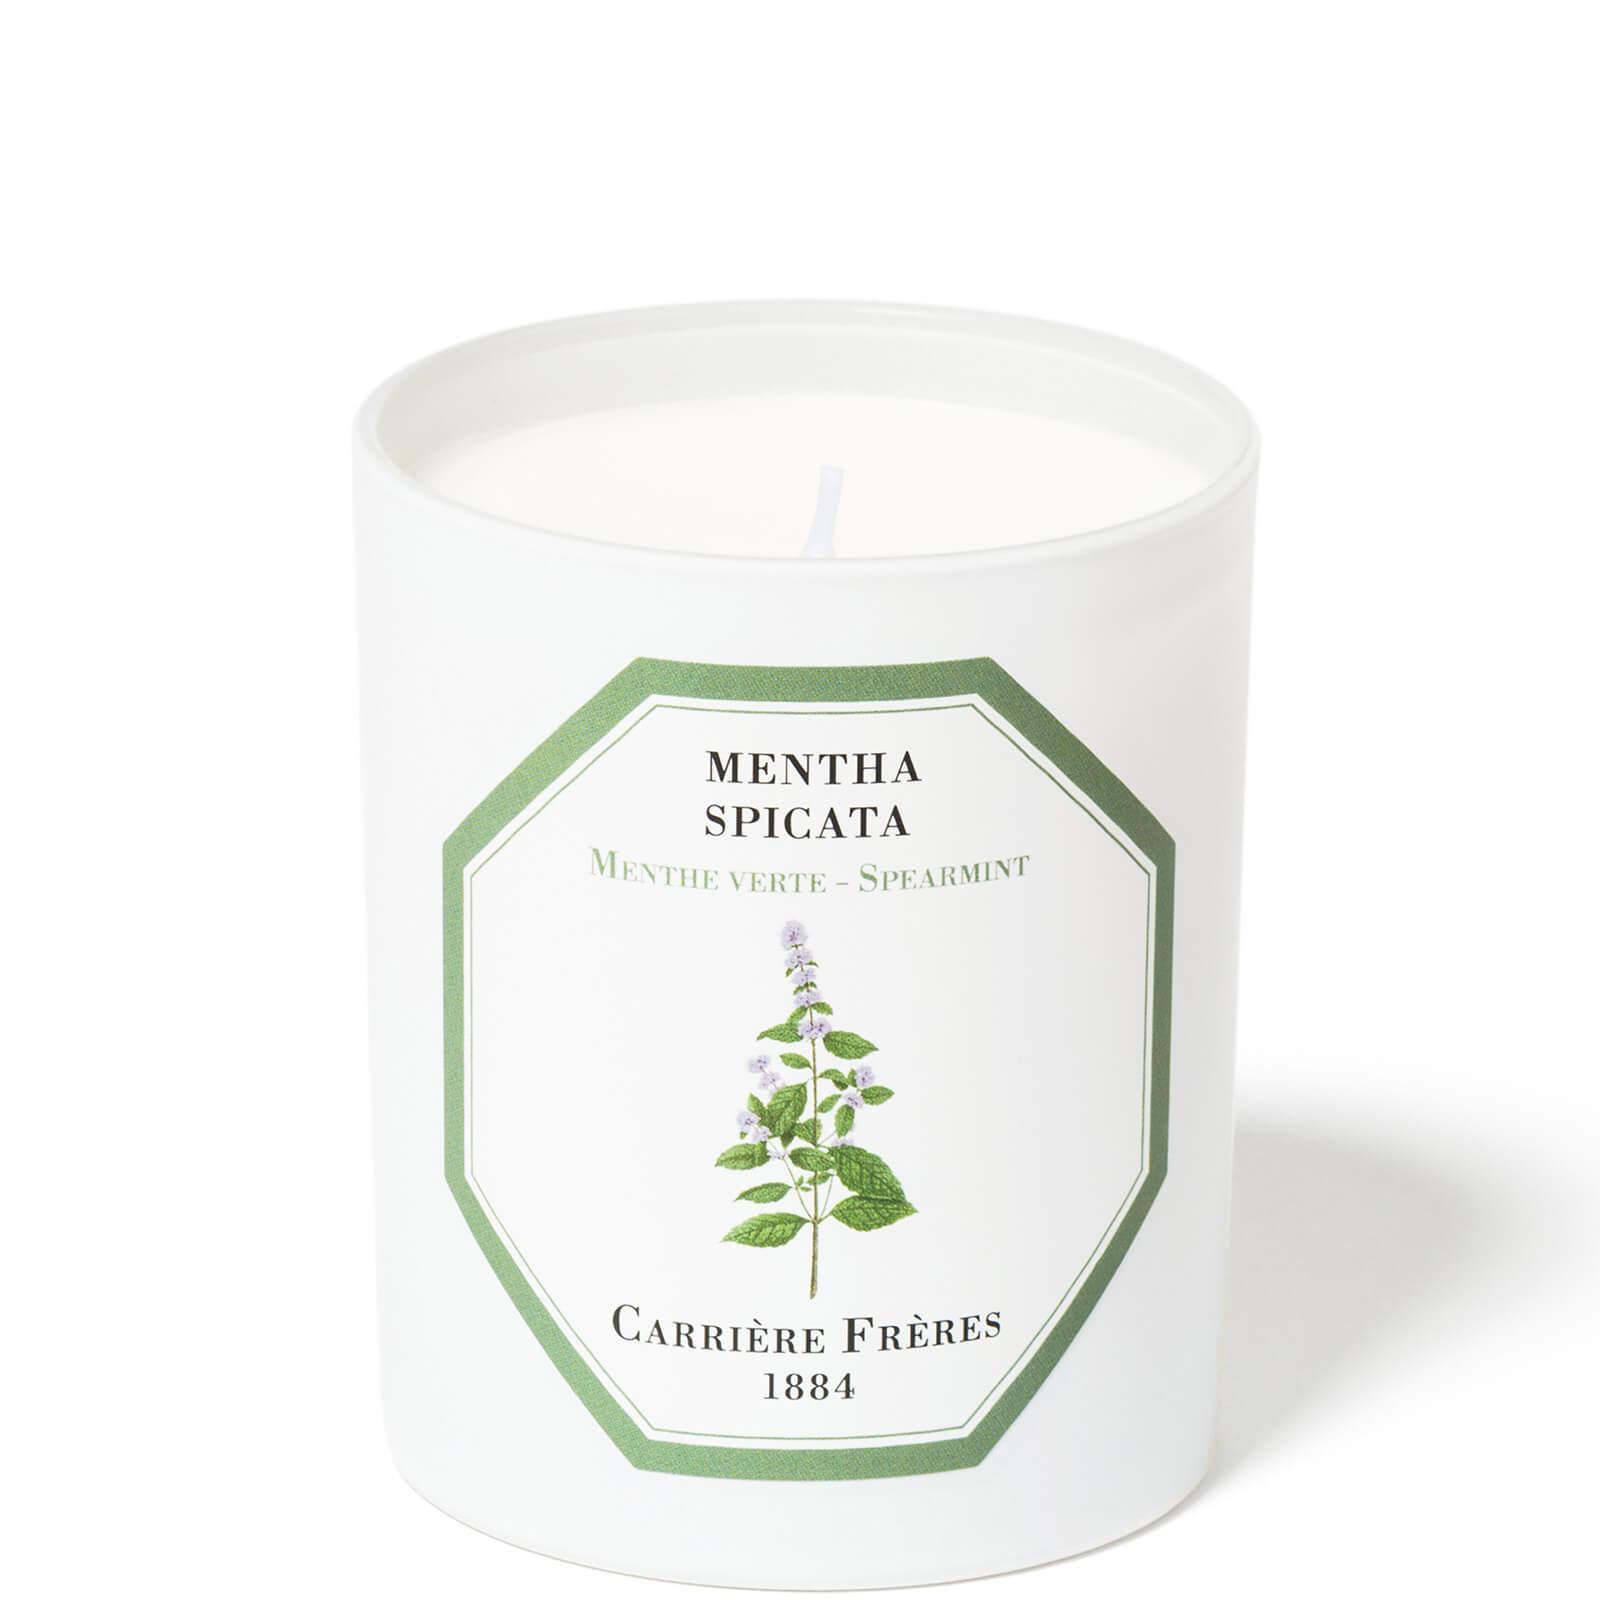 Купить Carrière Frères Scented Candle Spearmint - Mentha Spicata - 185 g